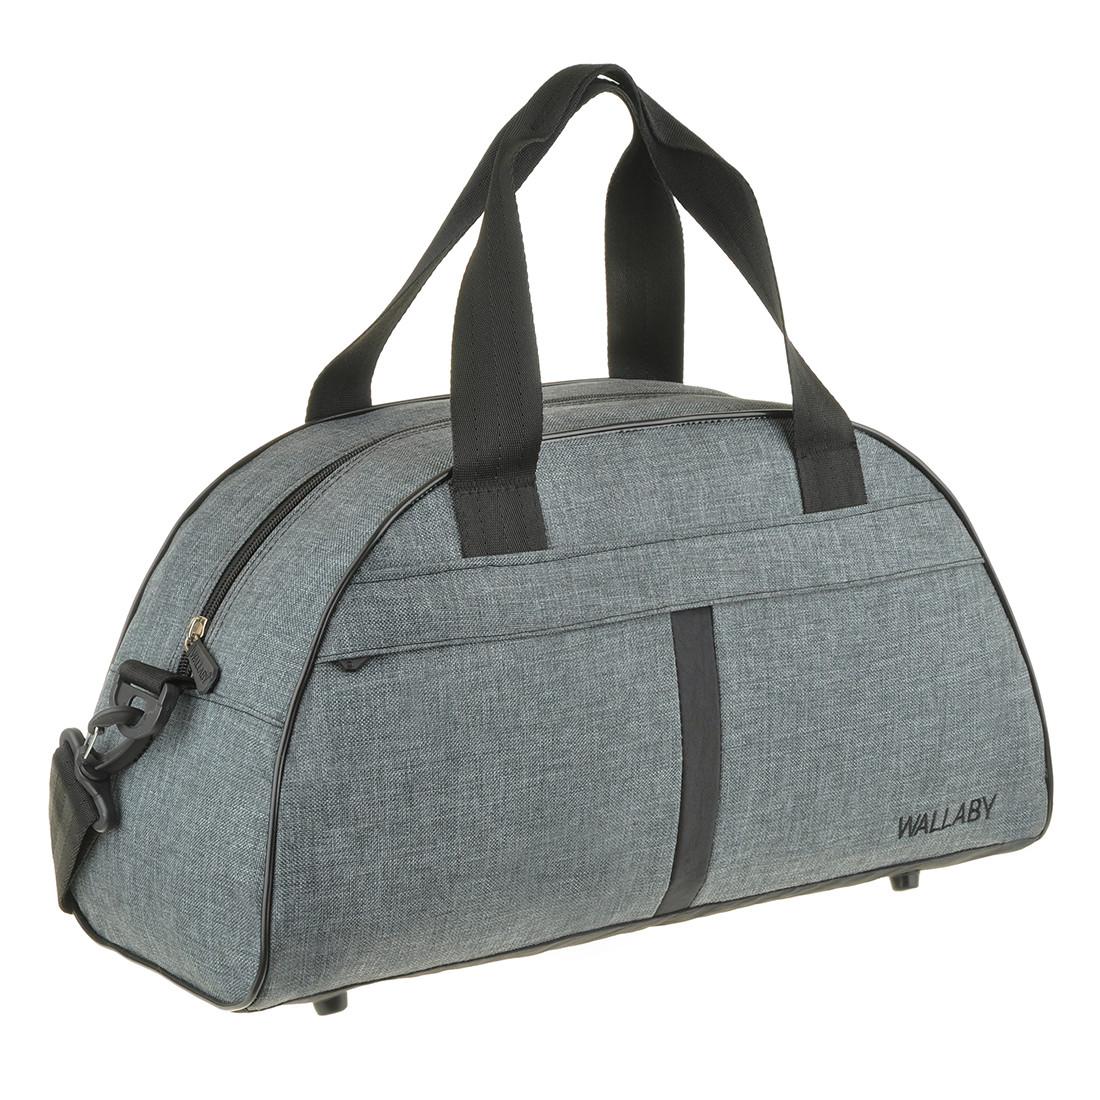 Дорожньо-спортивна сумка Wallaby сіра 44х28х20 поліестер в 213сер